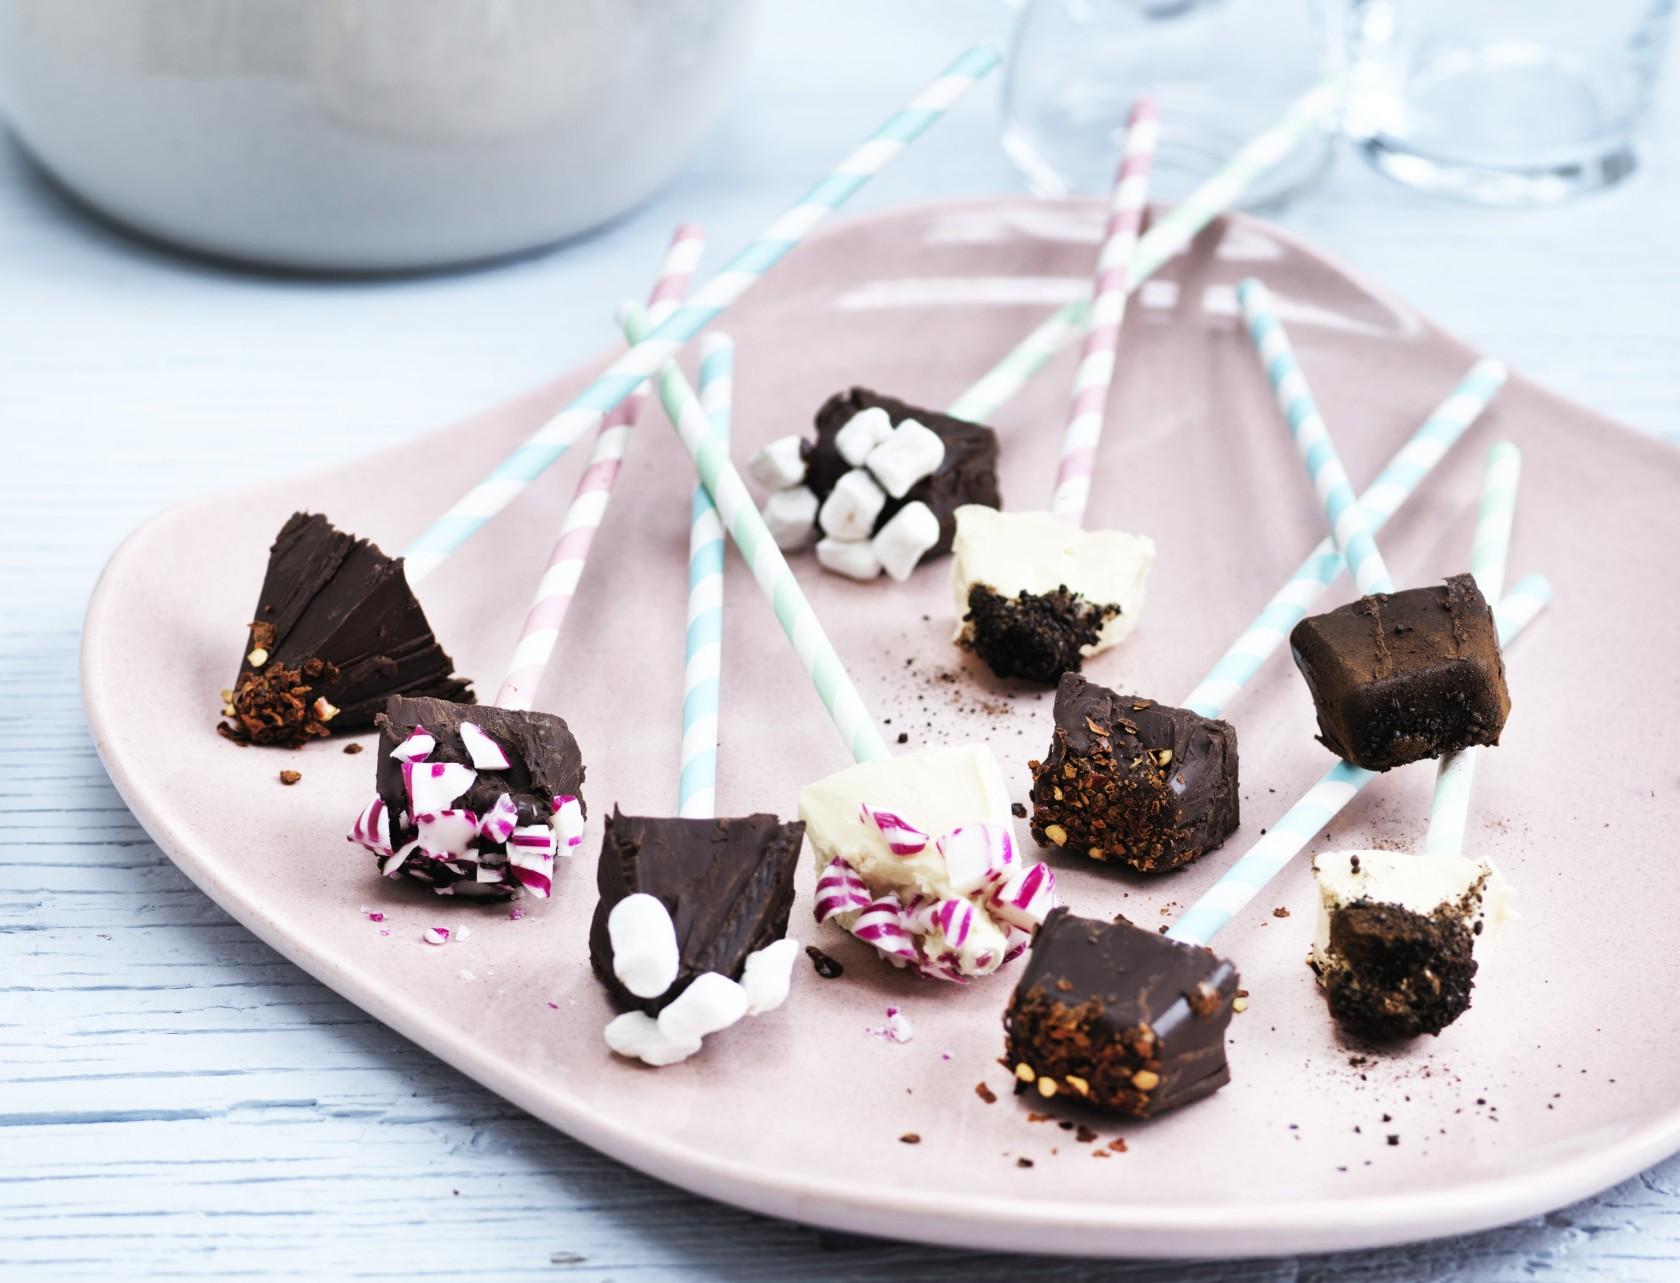 Chokoladepinde til varm chokolade